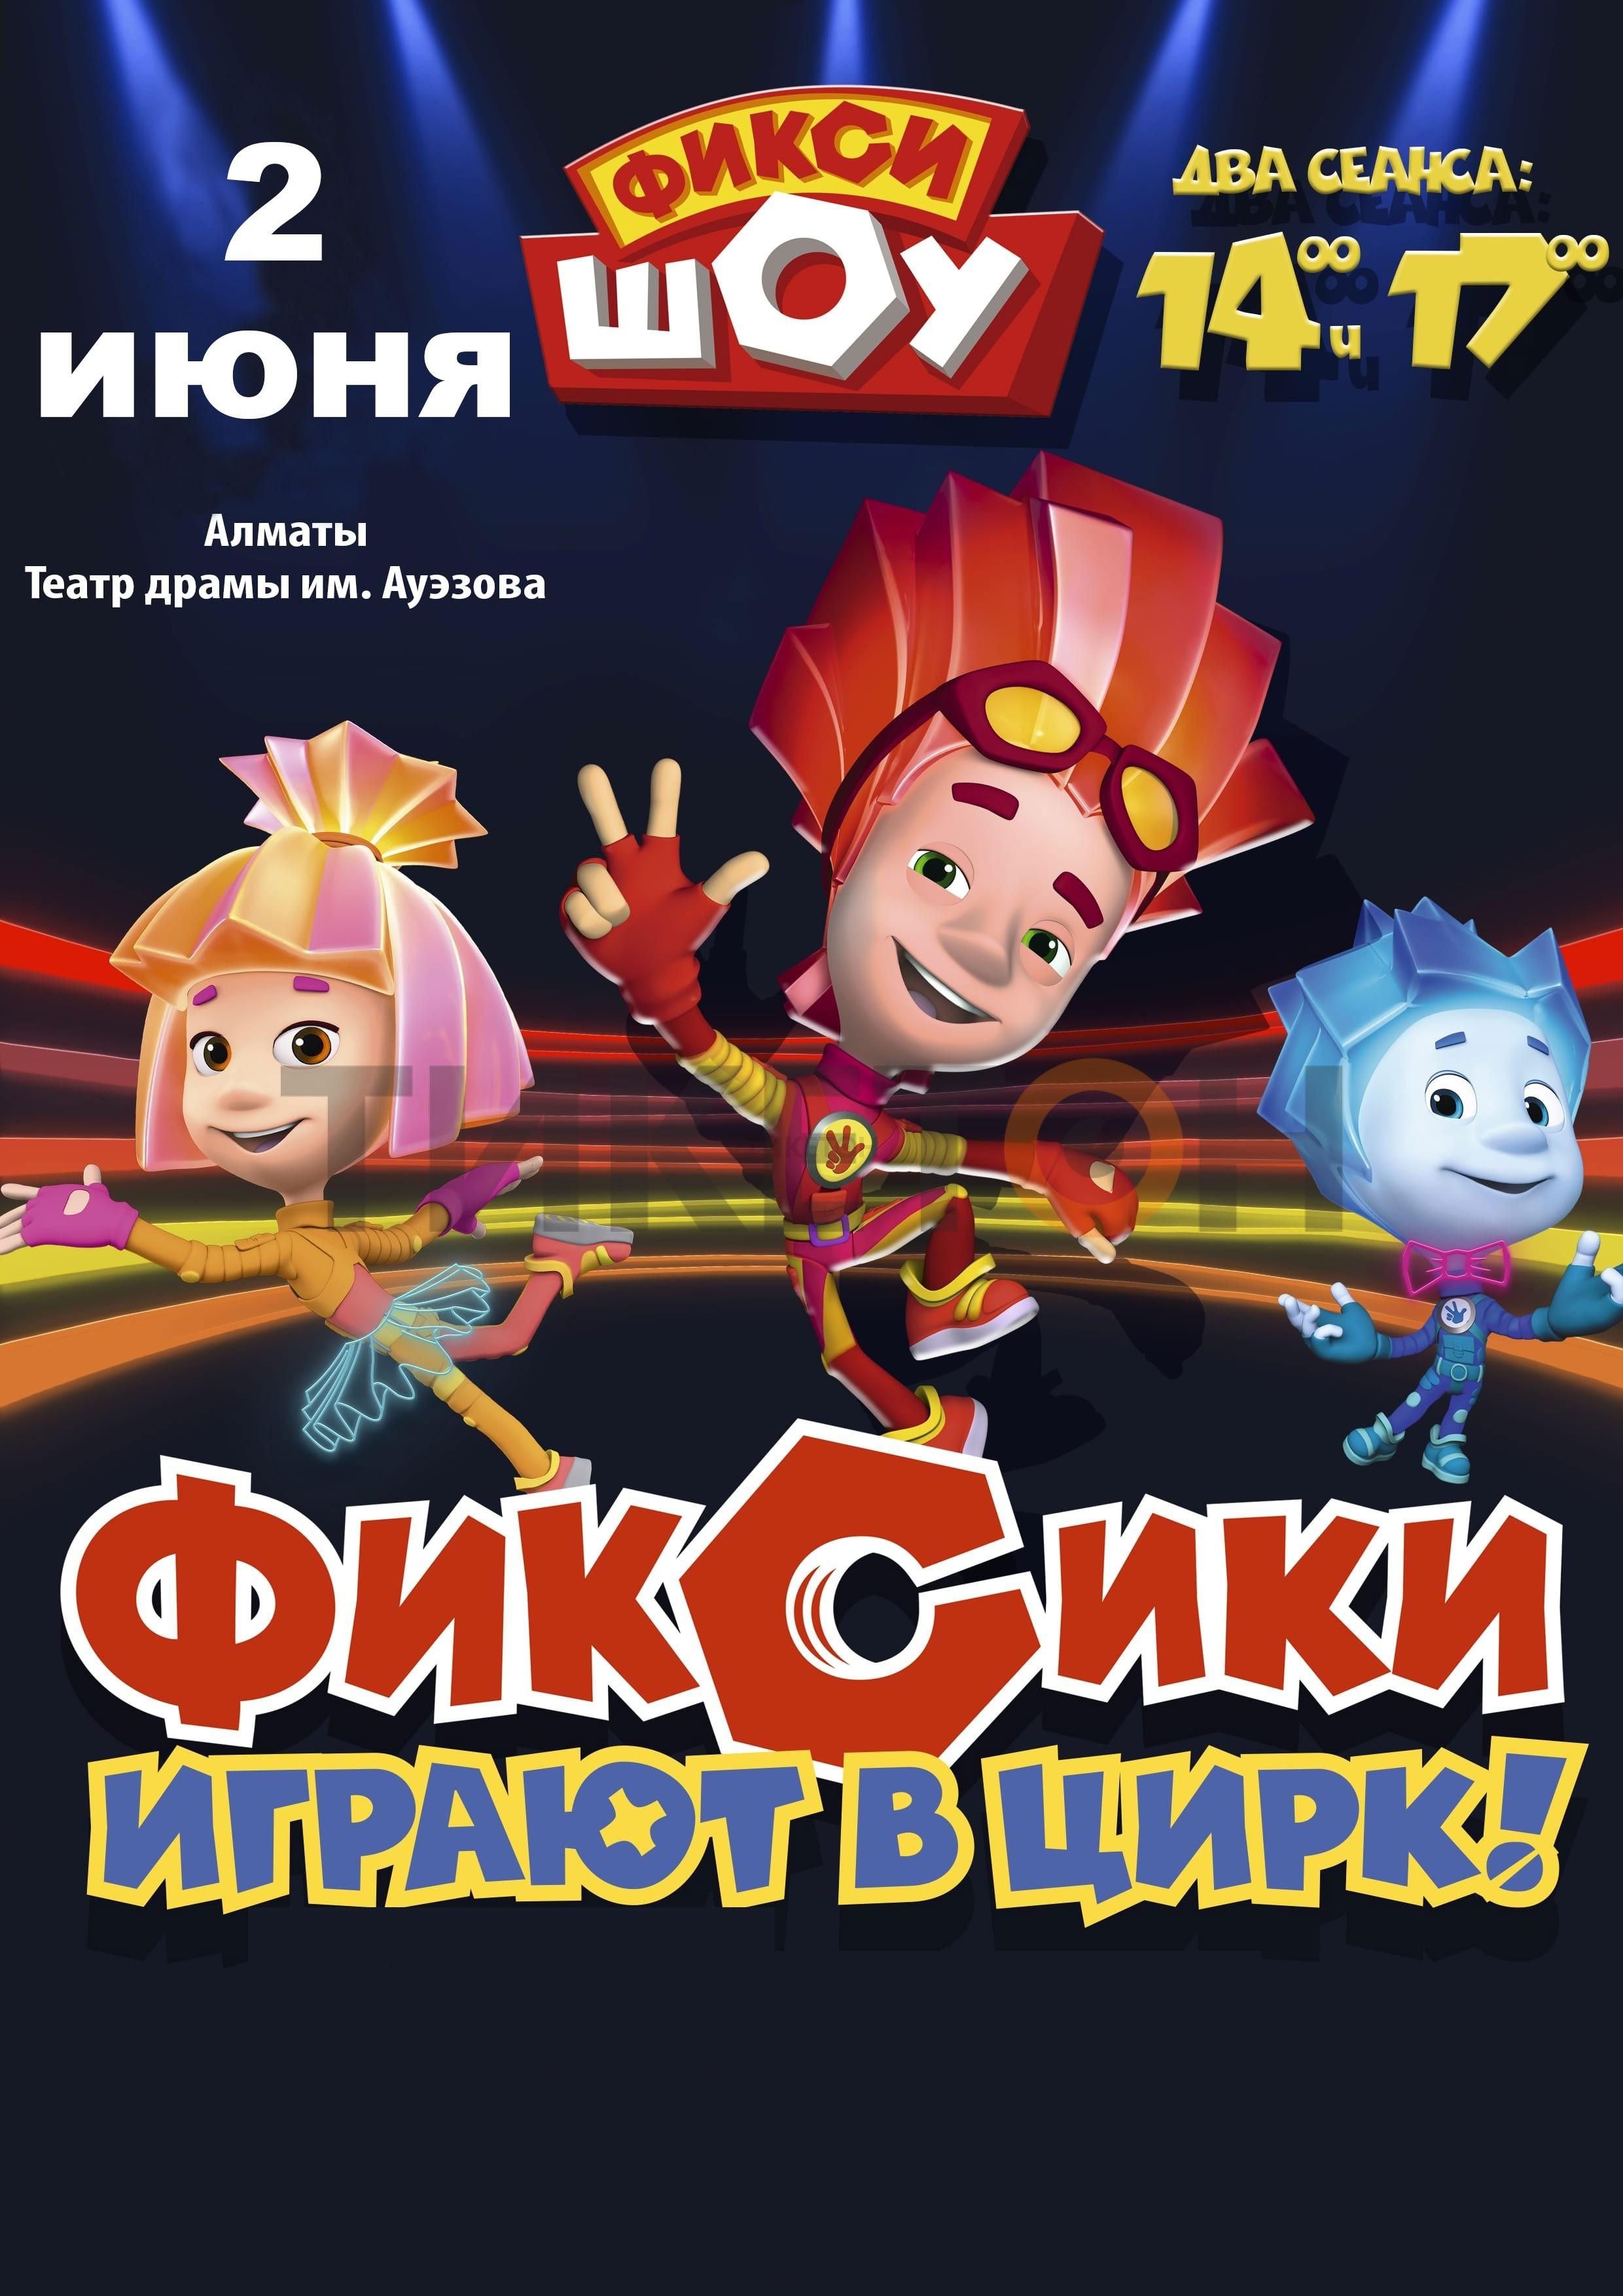 http://ticketon.kz/media/upload/18023u30239_fiksi-shou-fiksiki-igrayut-v-tsirk.jpg